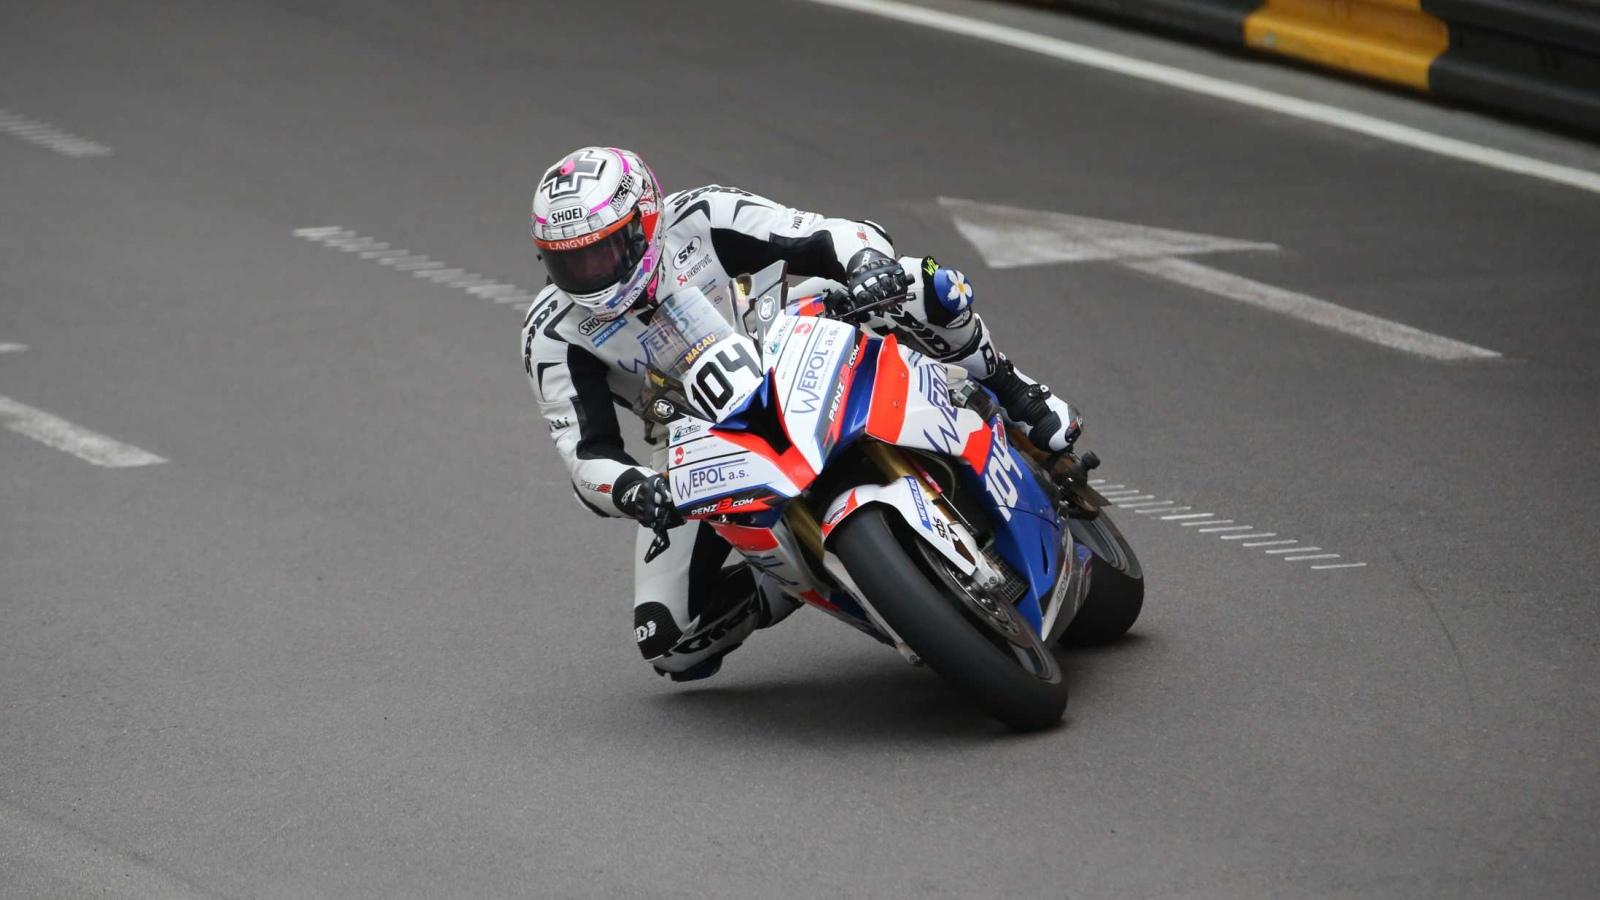 Daley Mathison fallece en un accidente en el TT de la Isla de Man